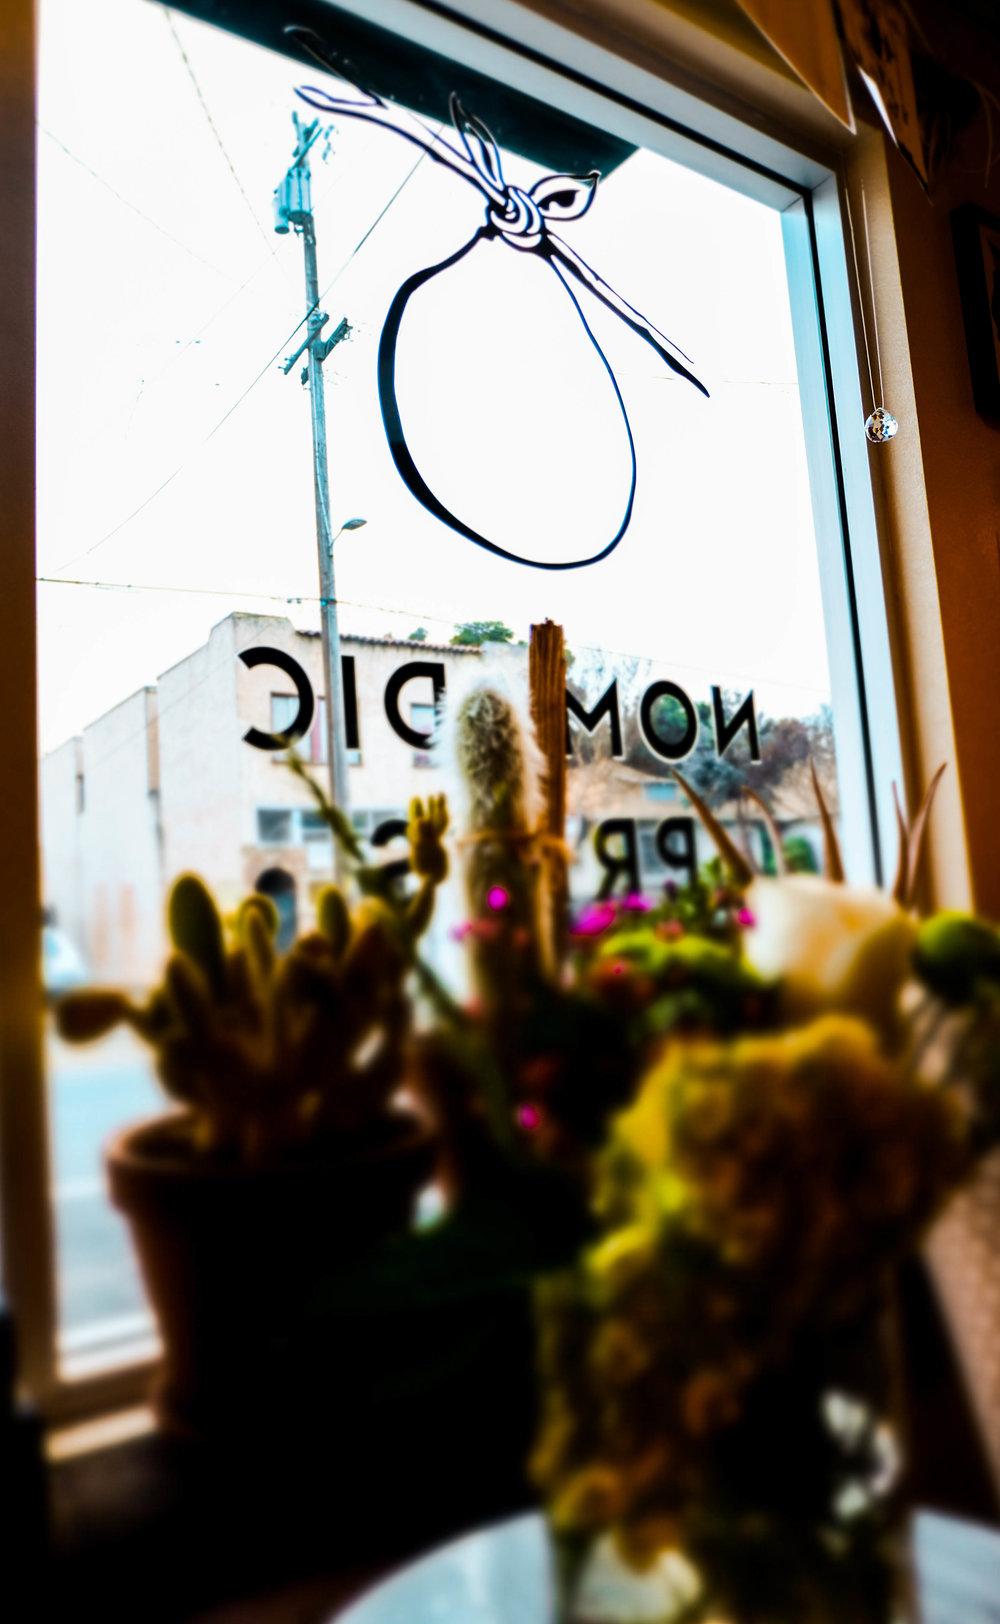 Photo in Nomadic Press Fruitvale by  Giavanna Ortiz de Candia